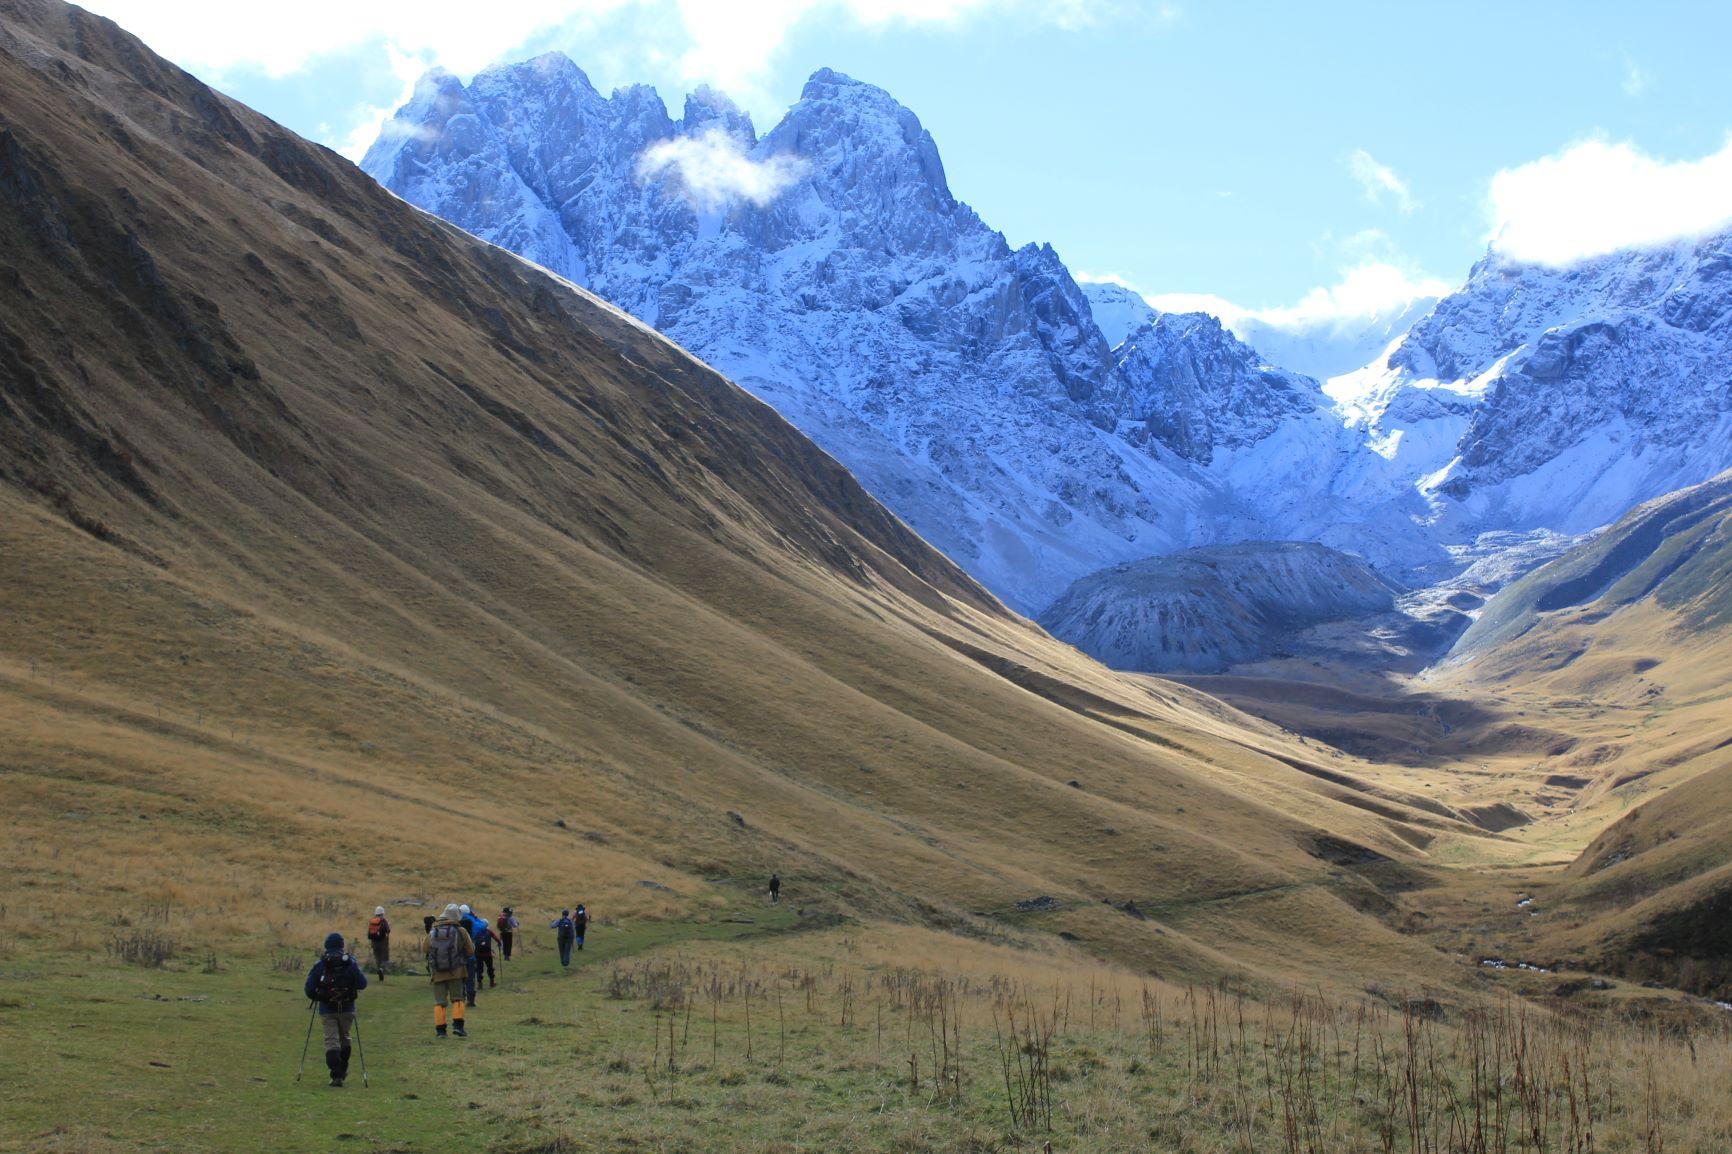 コーカサス山脈カズベキ峰と岩壁チョウキ峰ハイキング 8日間